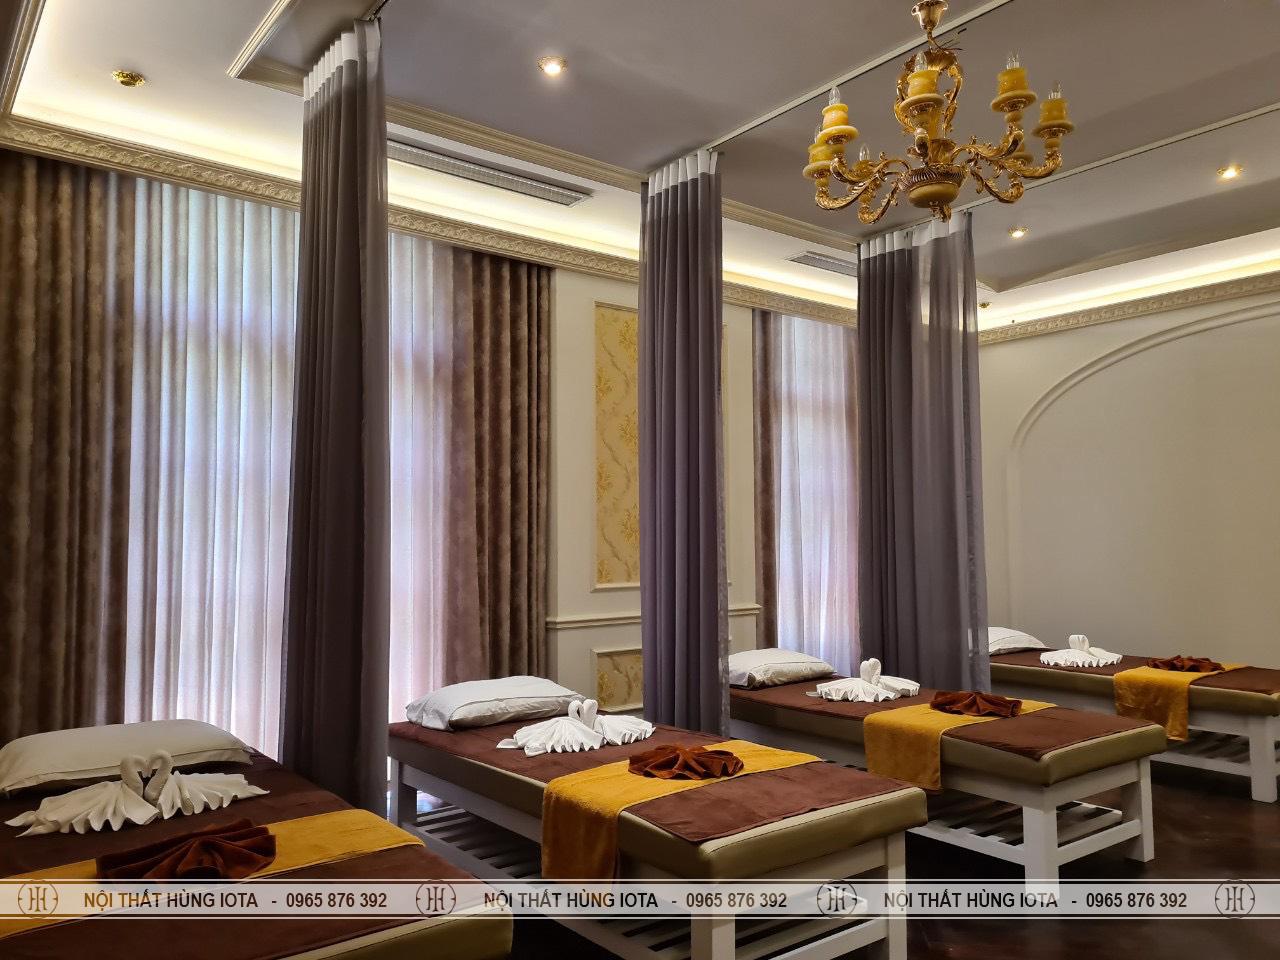 Giường spa làm massage body màu trắng, khoét mặt đệm tại Mỹ Đình